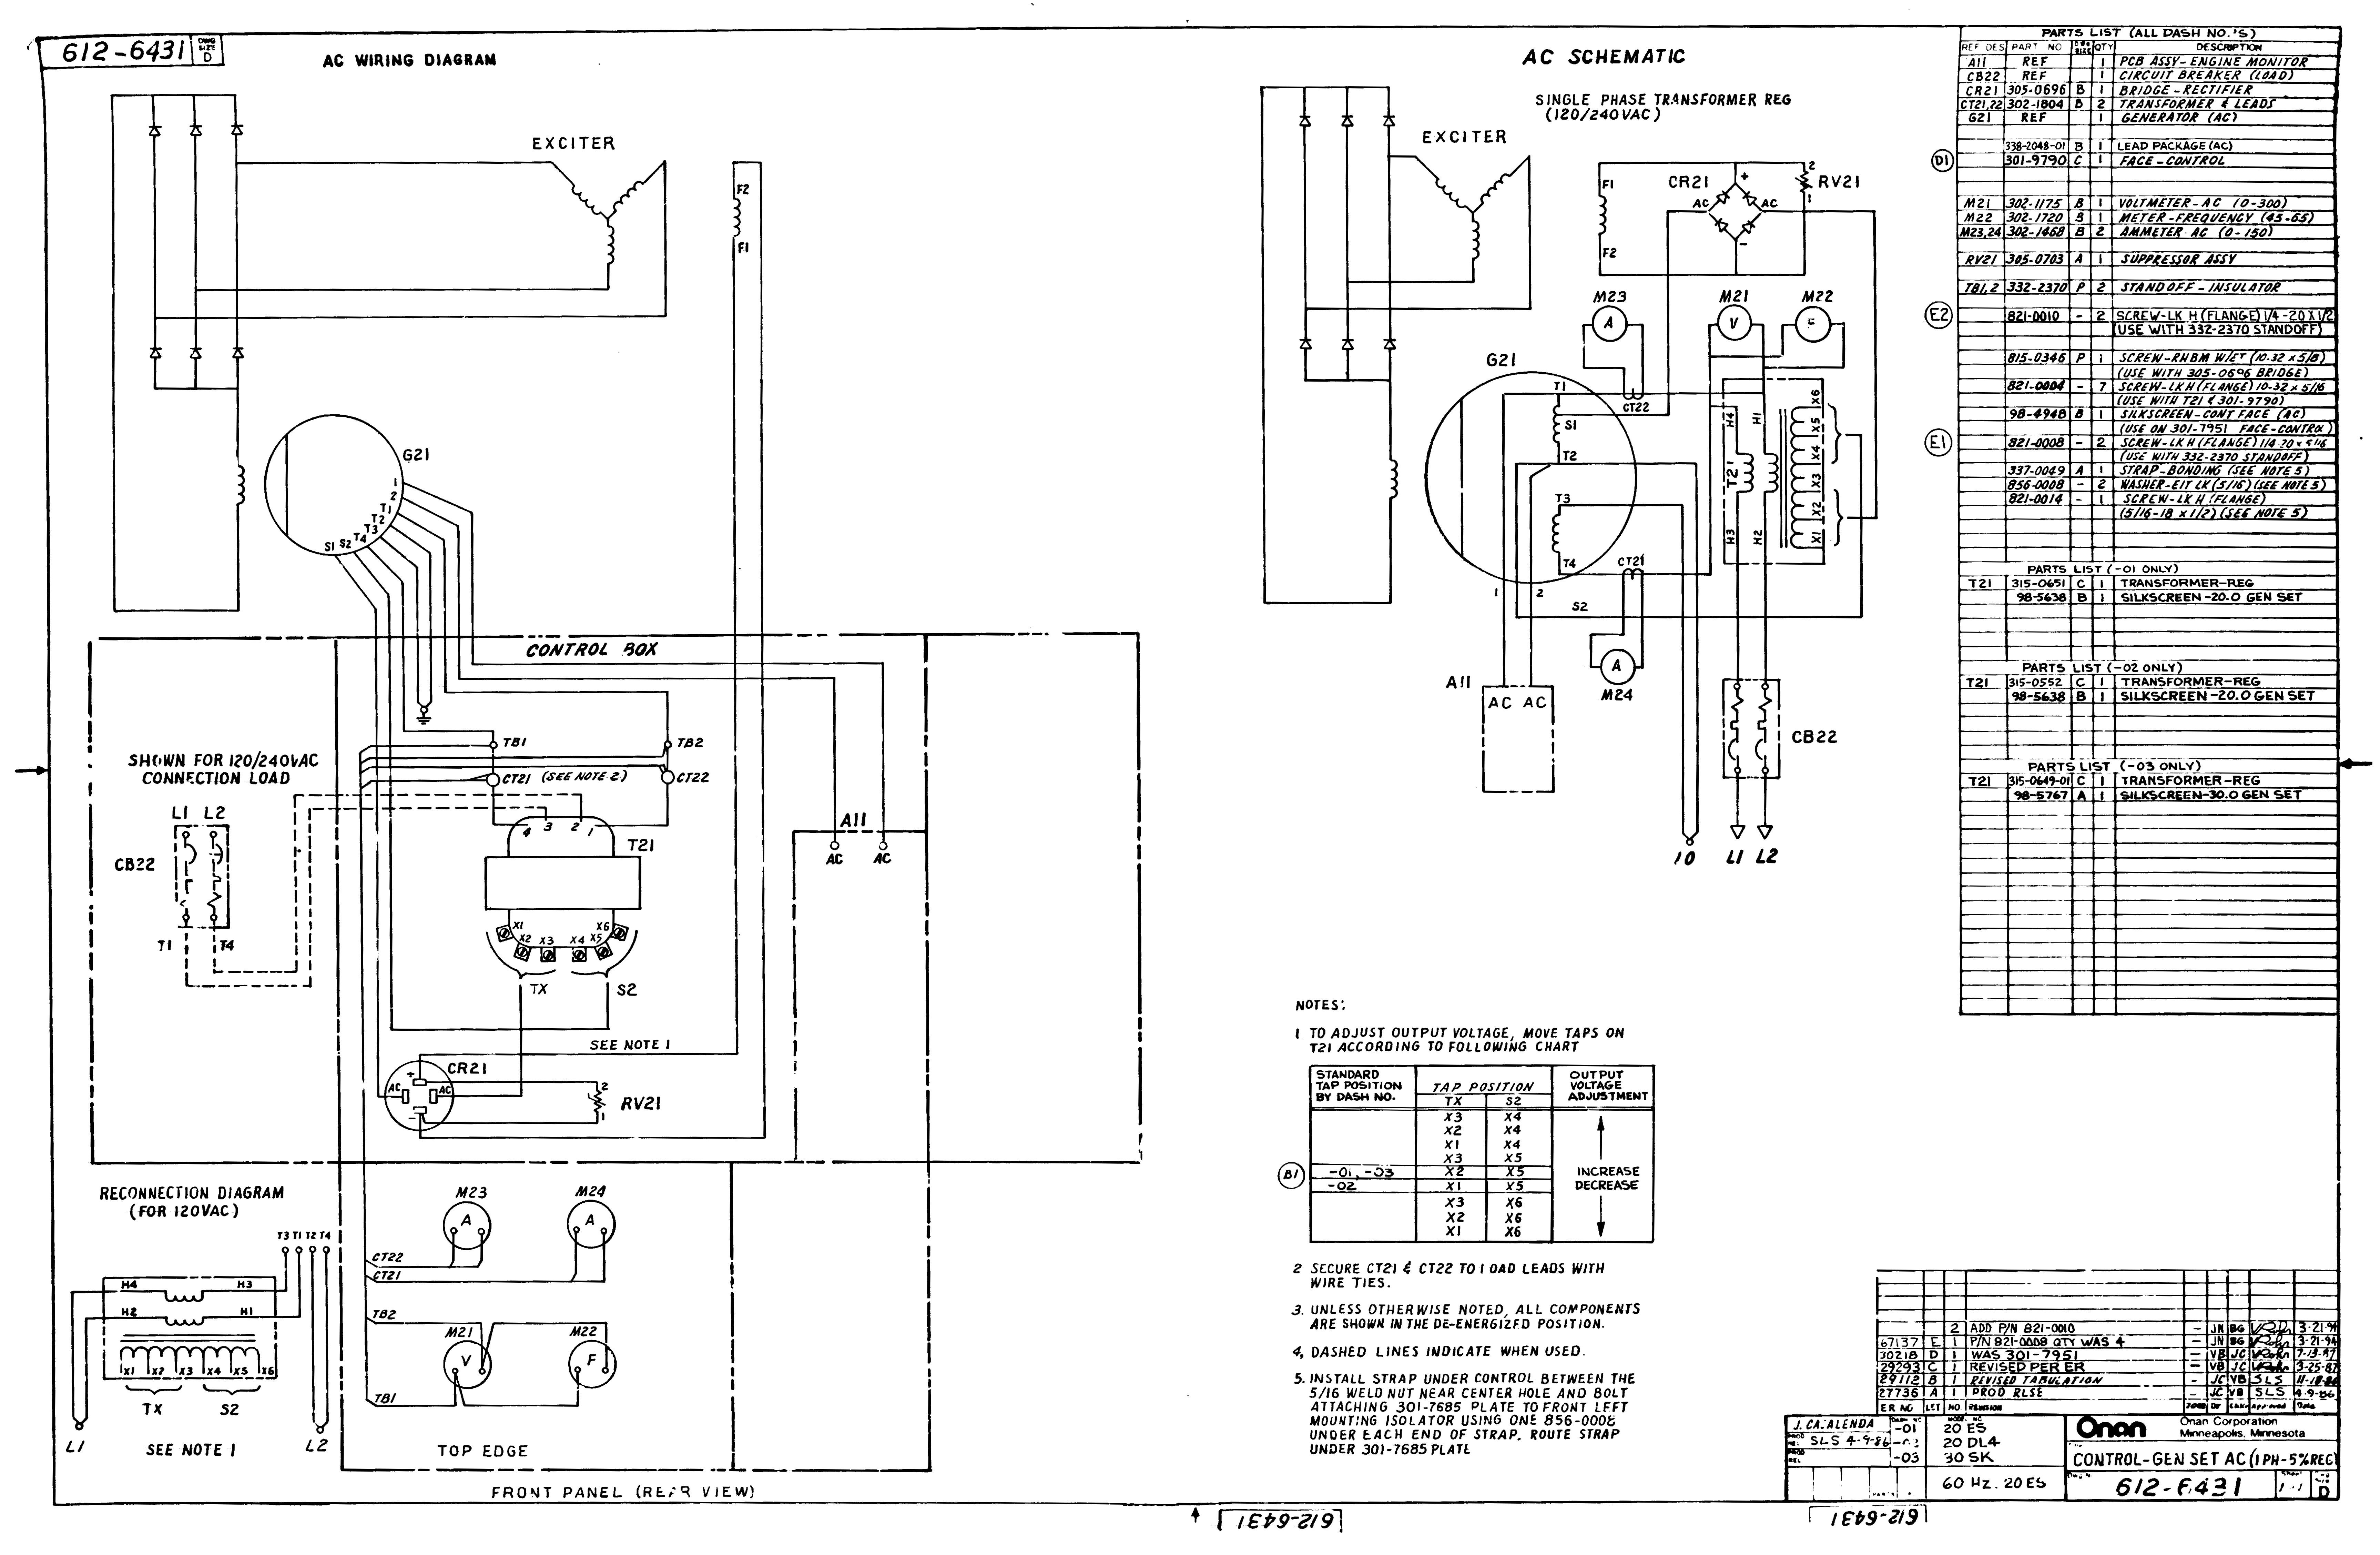 Generator Wiring Diagram Rv Shasta Spirit - Schematics Wiring Diagrams •